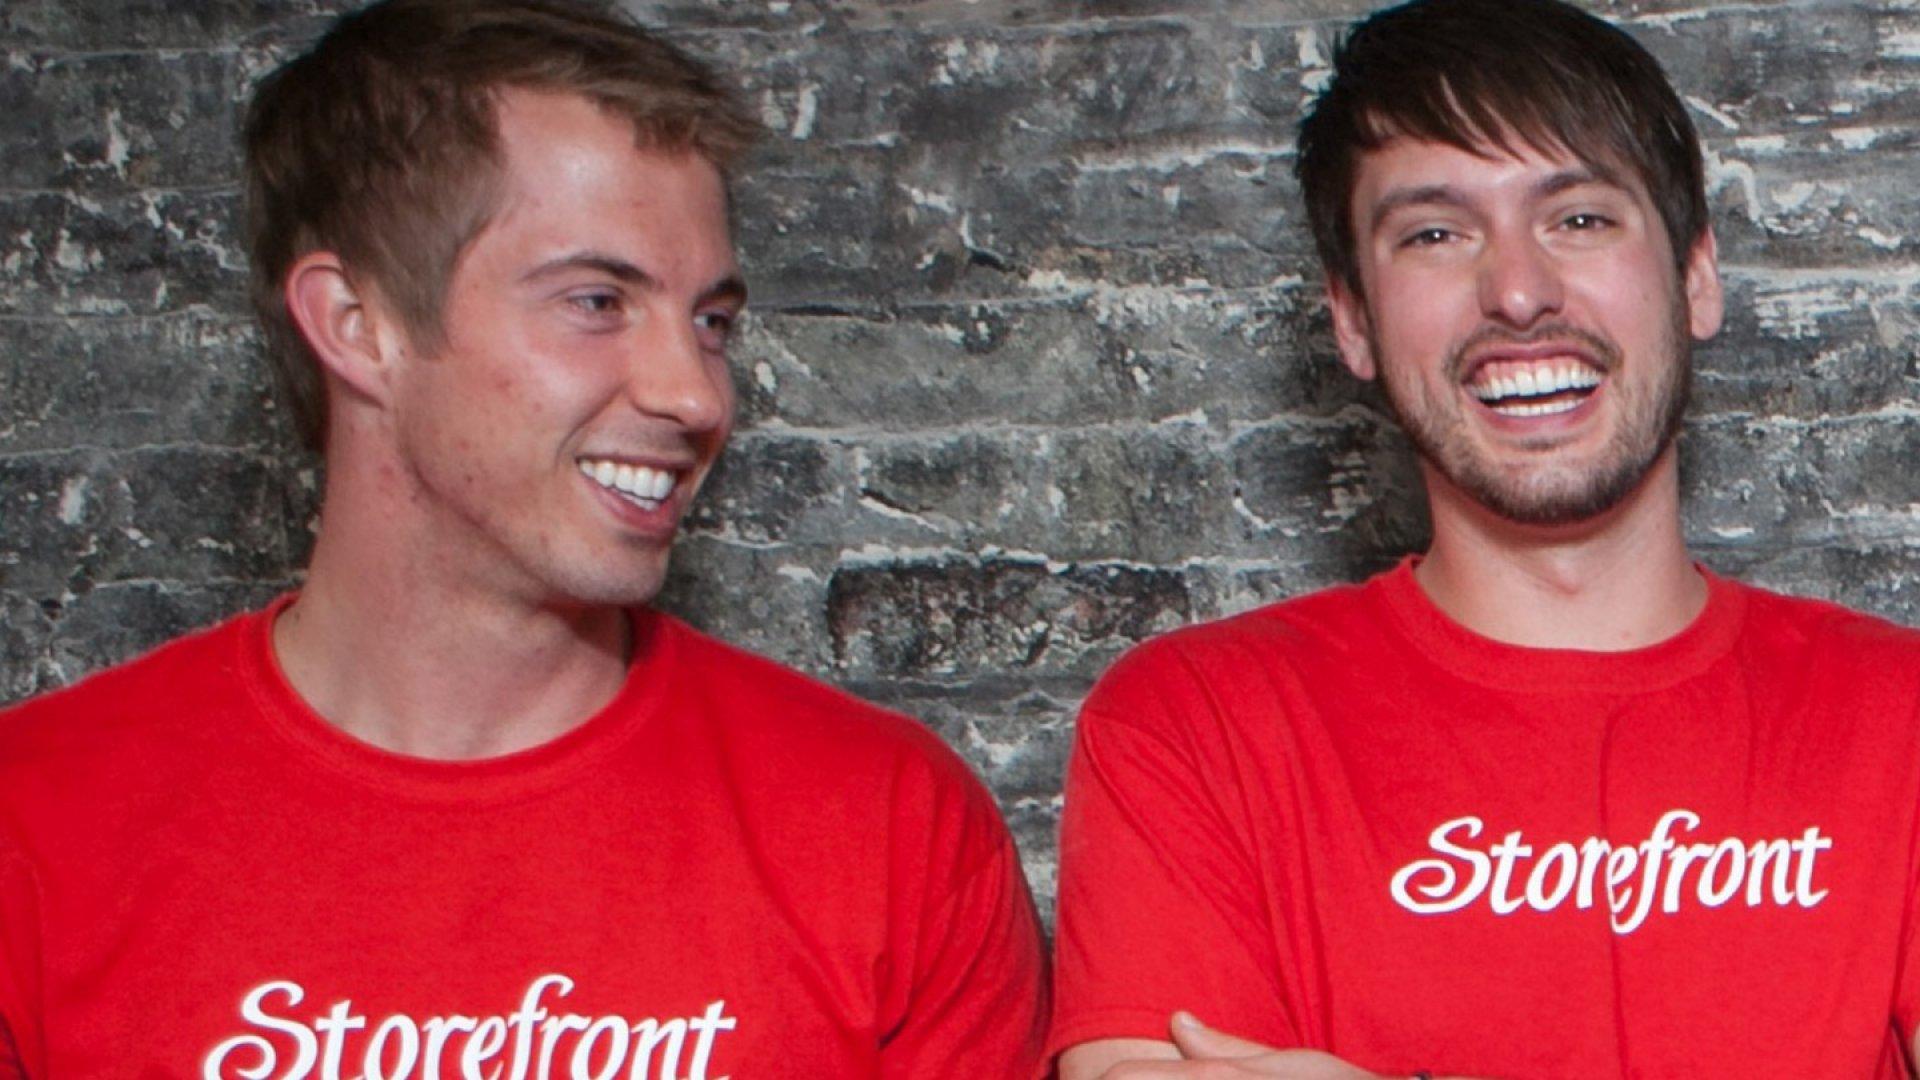 Erik Eliason and Tristan Pollock